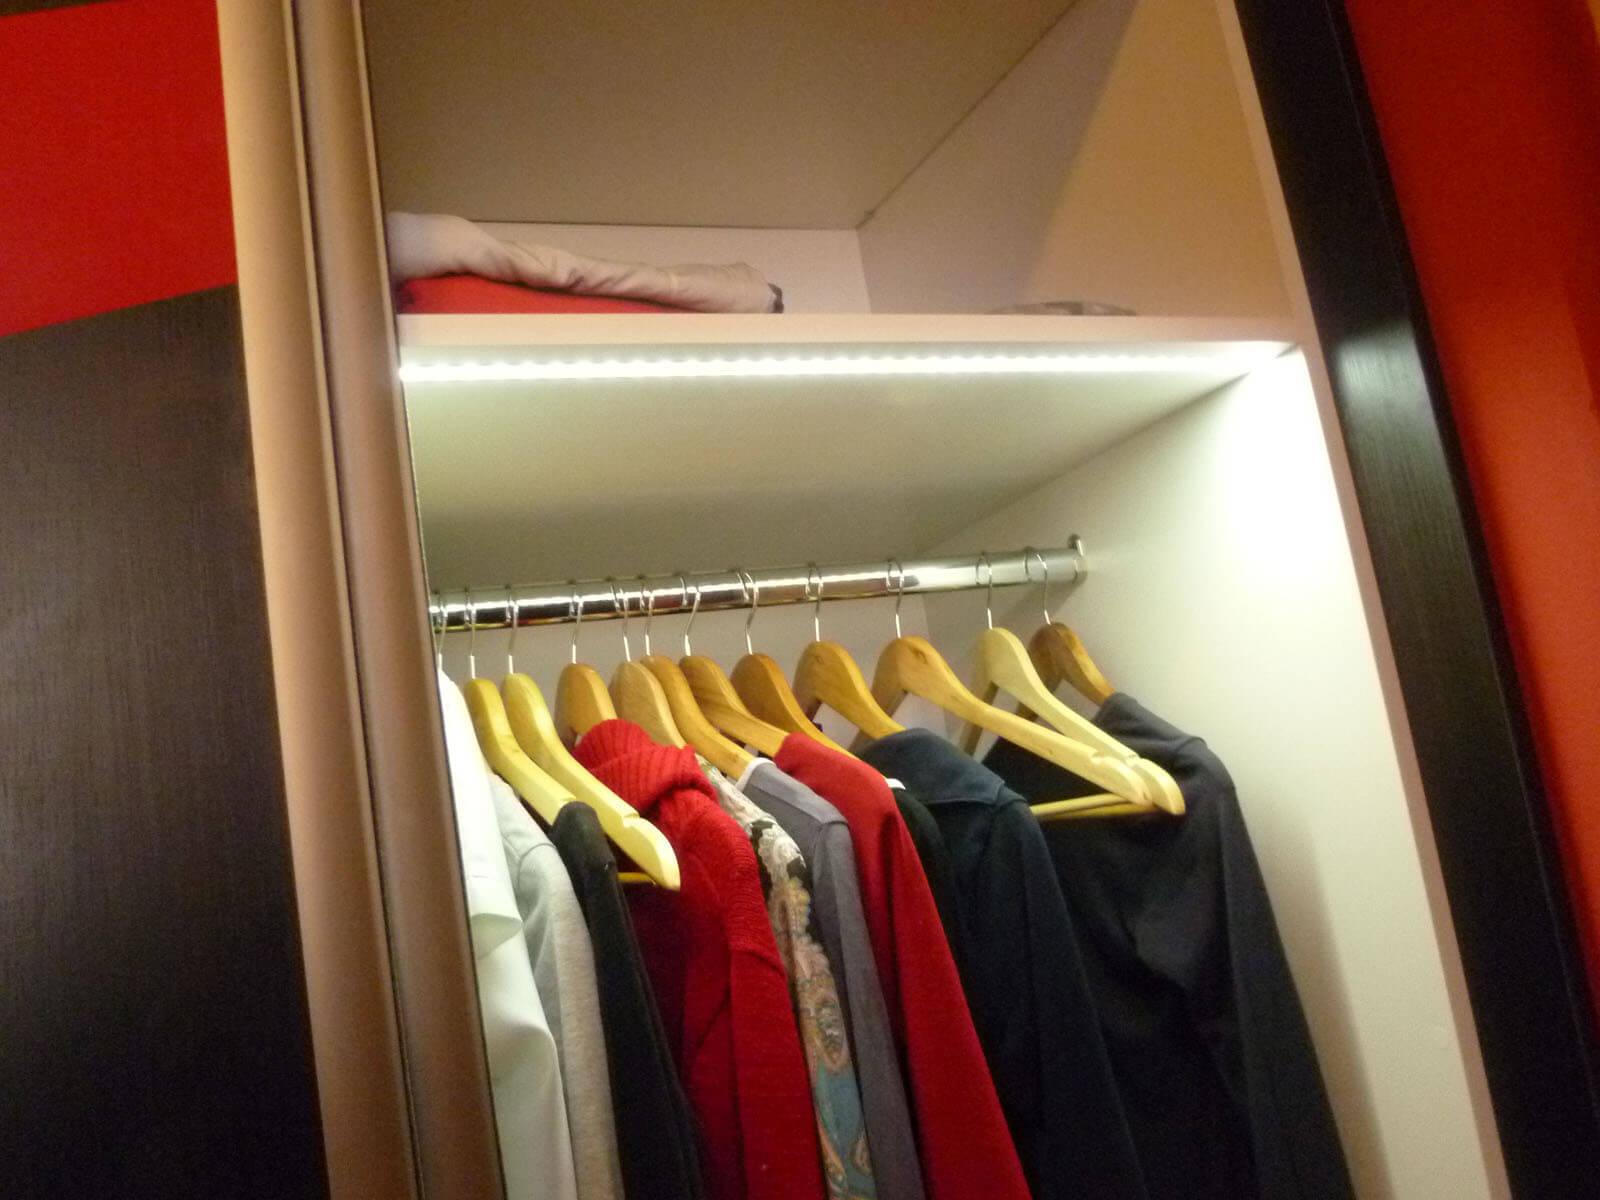 Egyedi szobabútor készítés tolóajtós kivitelben belső ruhafogasos kialakítással, rejtett LED világítással